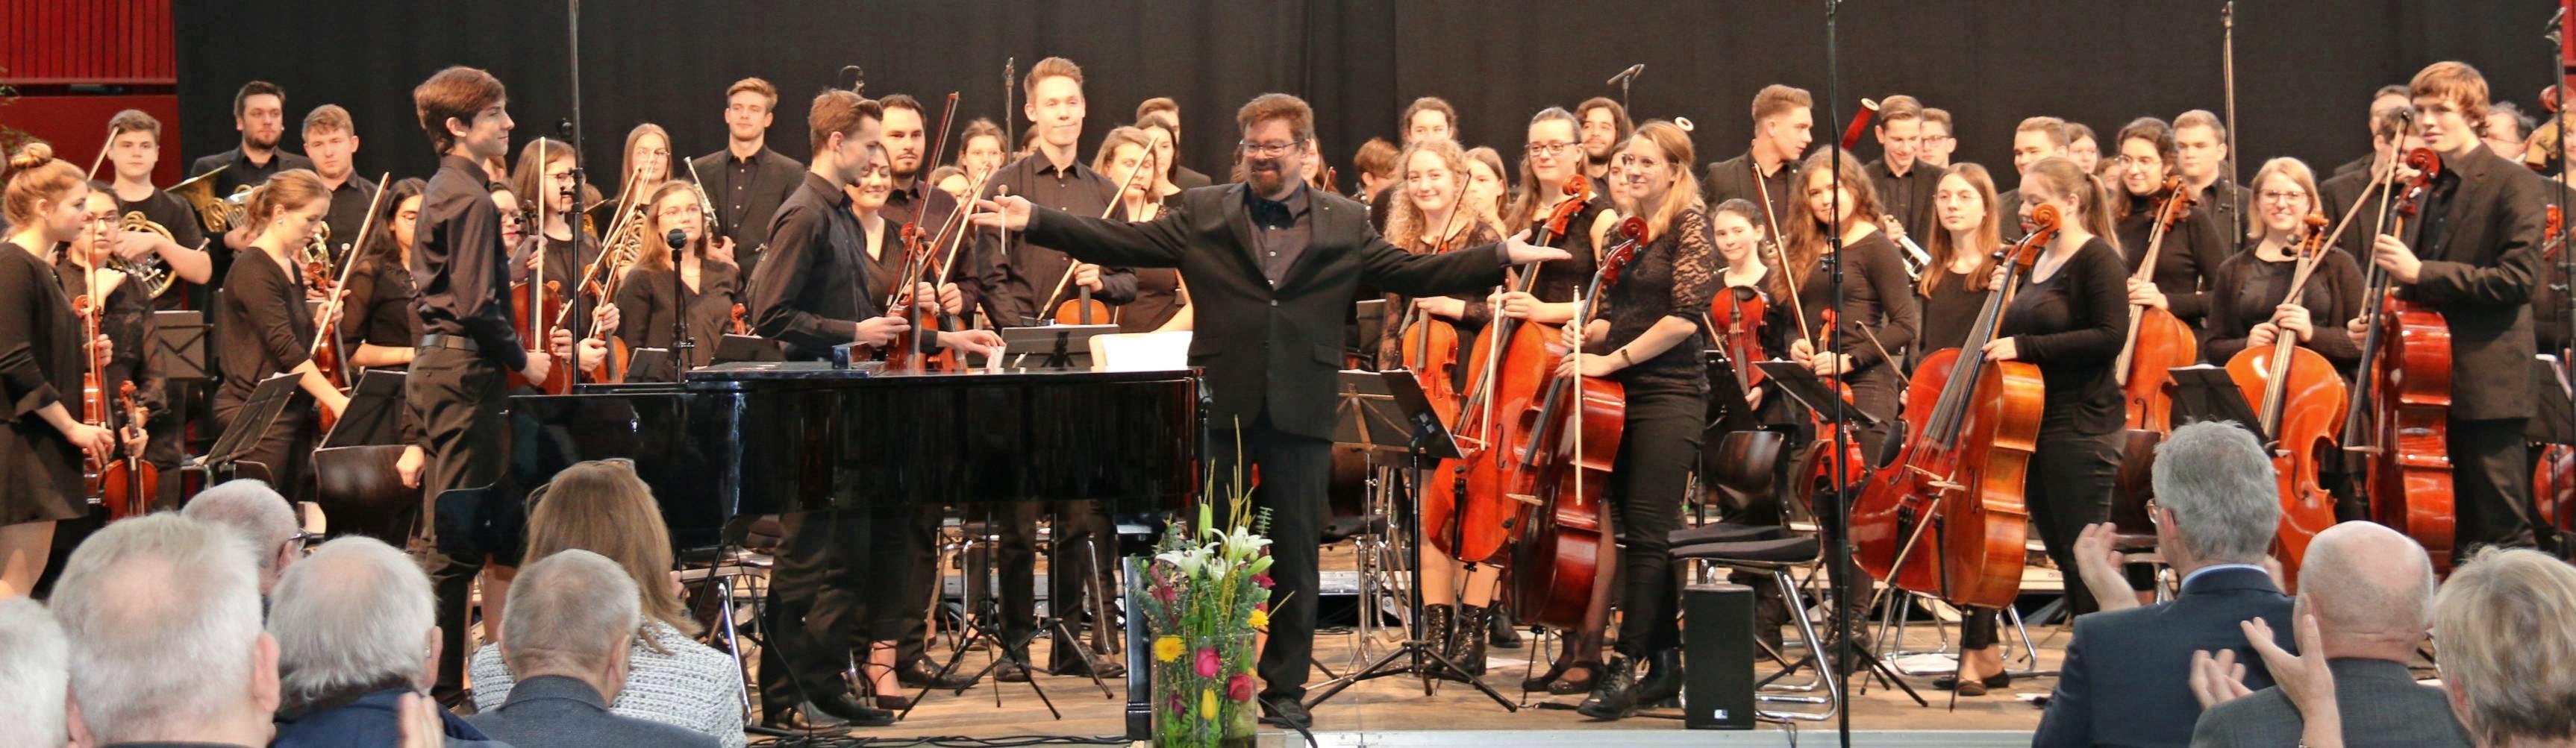 Schwungvoll und selbstbewusst – so beeindruckte das Jugend-Sinfonieorchester beim Neujahrsempfang der Stadt die rund 1300 Zuhörer in der Ballei. Foto: snp